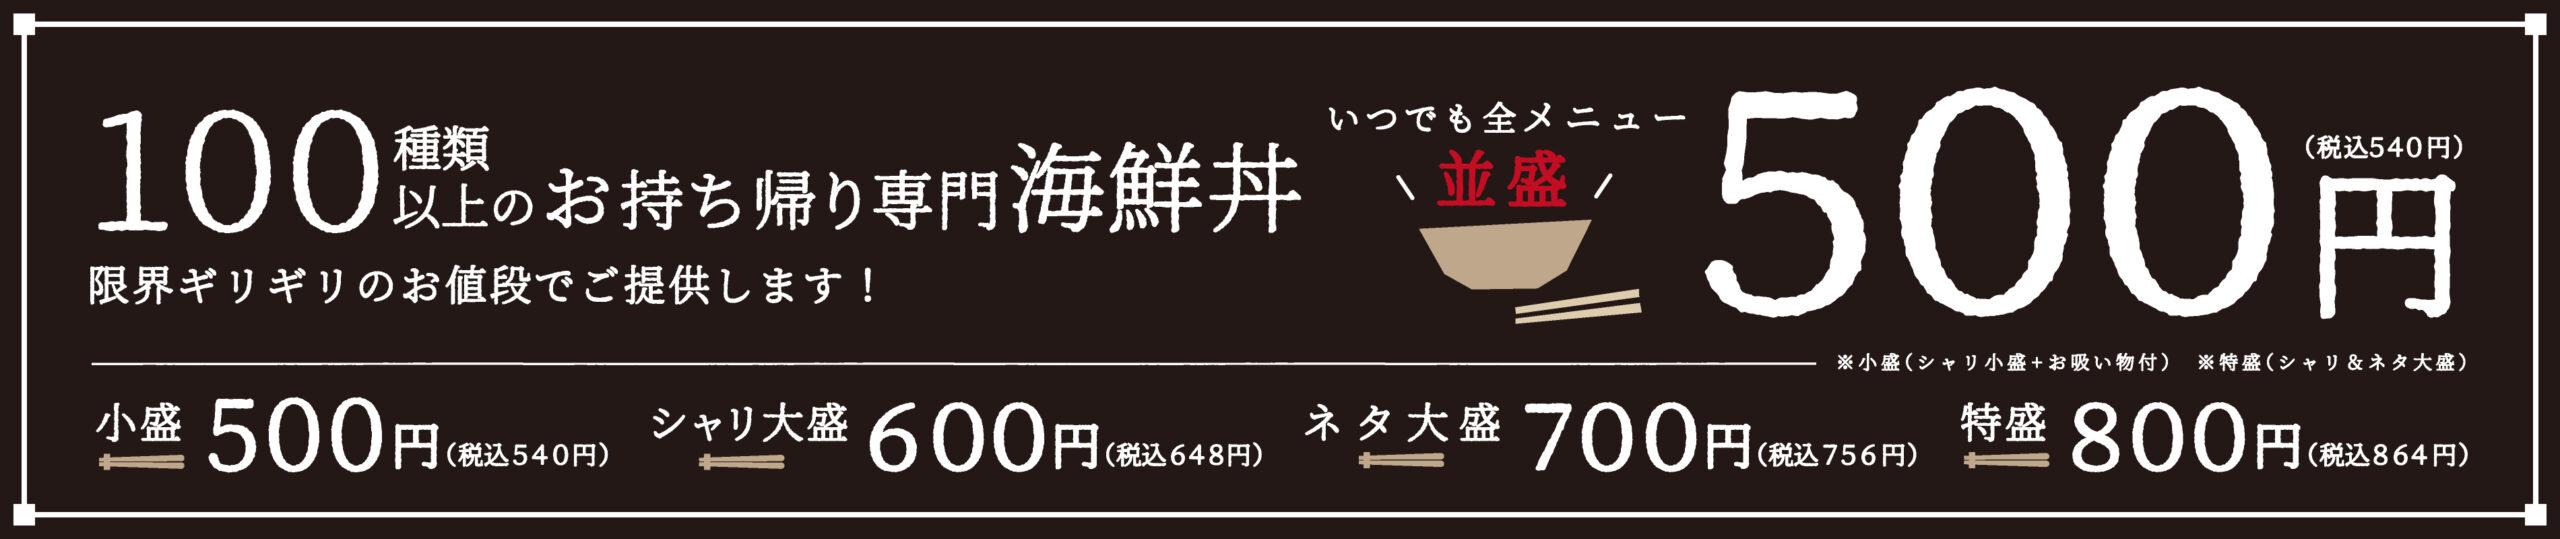 100種類以上の海鮮丼すべて 並盛540円(税込)!!